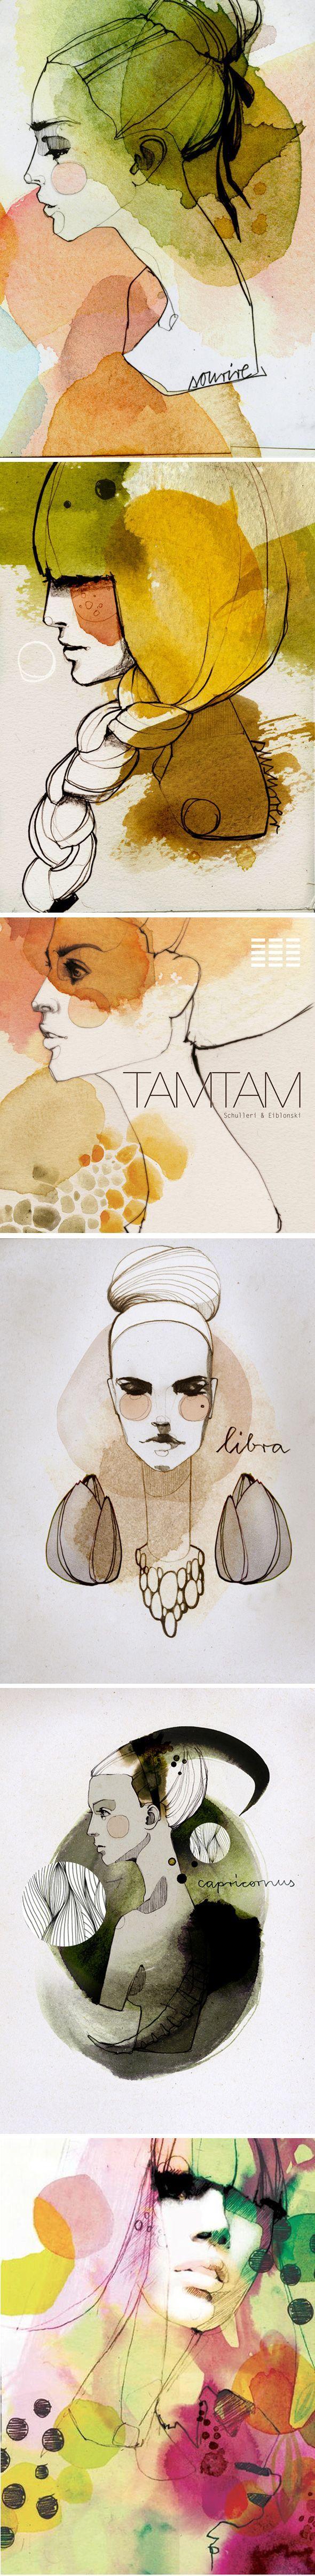 Magnifiques aquarelles    Je suis en admiration devant le travail d'Ekaterina Koroleva, graphiste et illustratrice basée à Berlin. Elle aime l'illustration de mode, d'où une représentation omniprésente de femmes très minces. Sa signature se trouve dans le visage de tous ses personnages, les joues roses.    Tout est dessiné à la main avec un crayon puis subtilement coloré à l'aquarelle, un très joli travail à découvrir en images ci-dessous.: